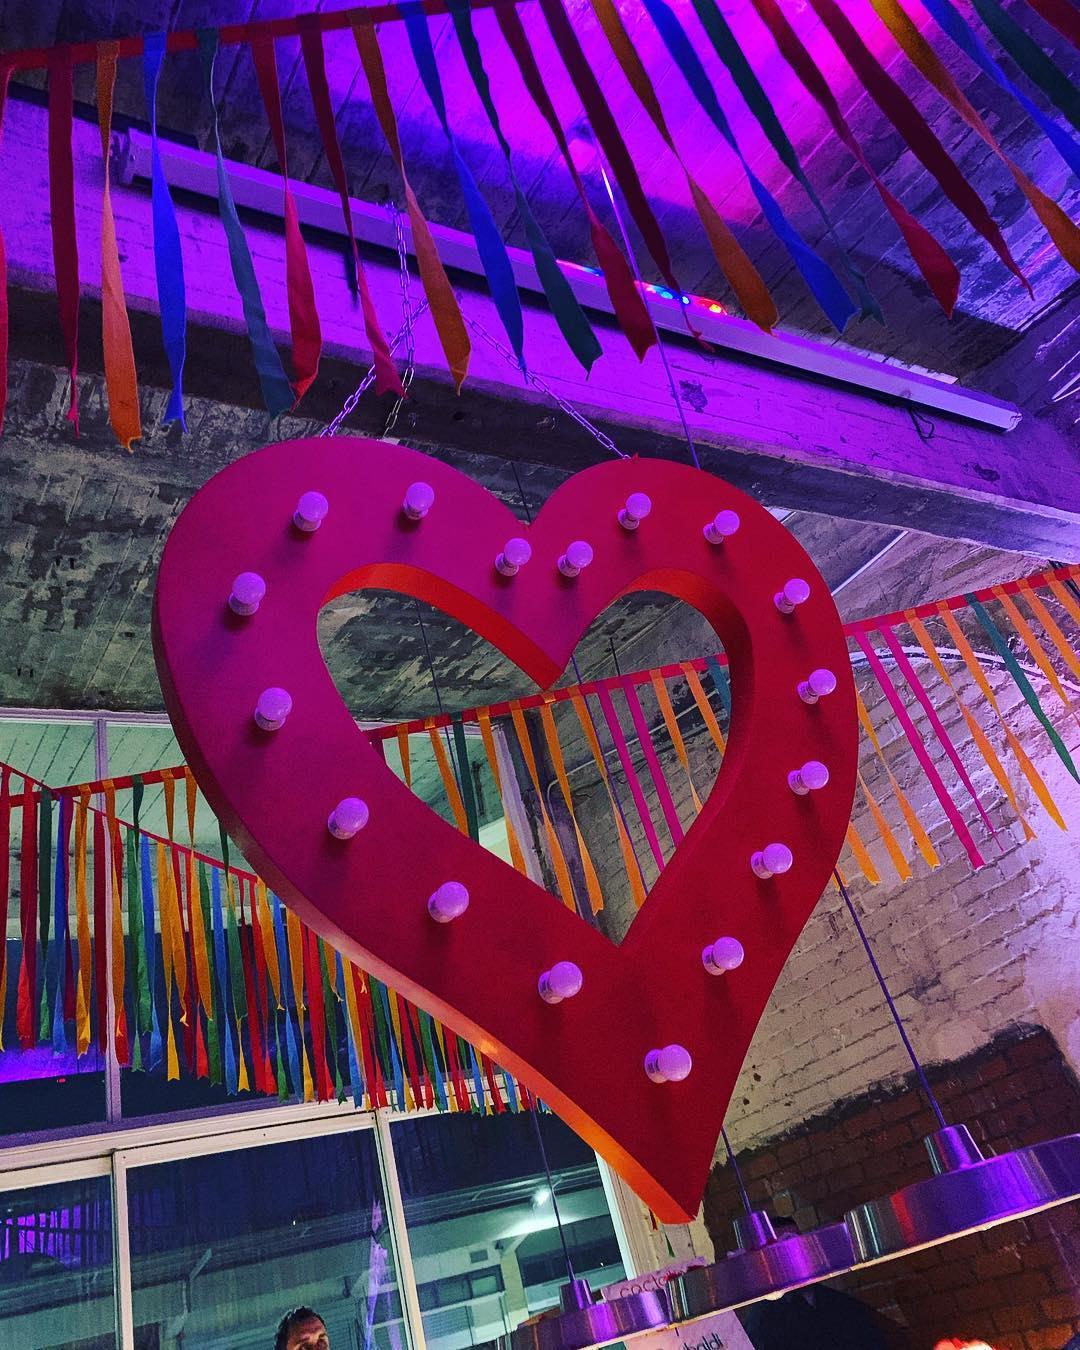 Φαίη Σκορδά | Δες φωτογραφίες από το αργοπορημένο μεν, υπέροχο δε, party για τα 39α γενέθλιά της - εικόνα 13